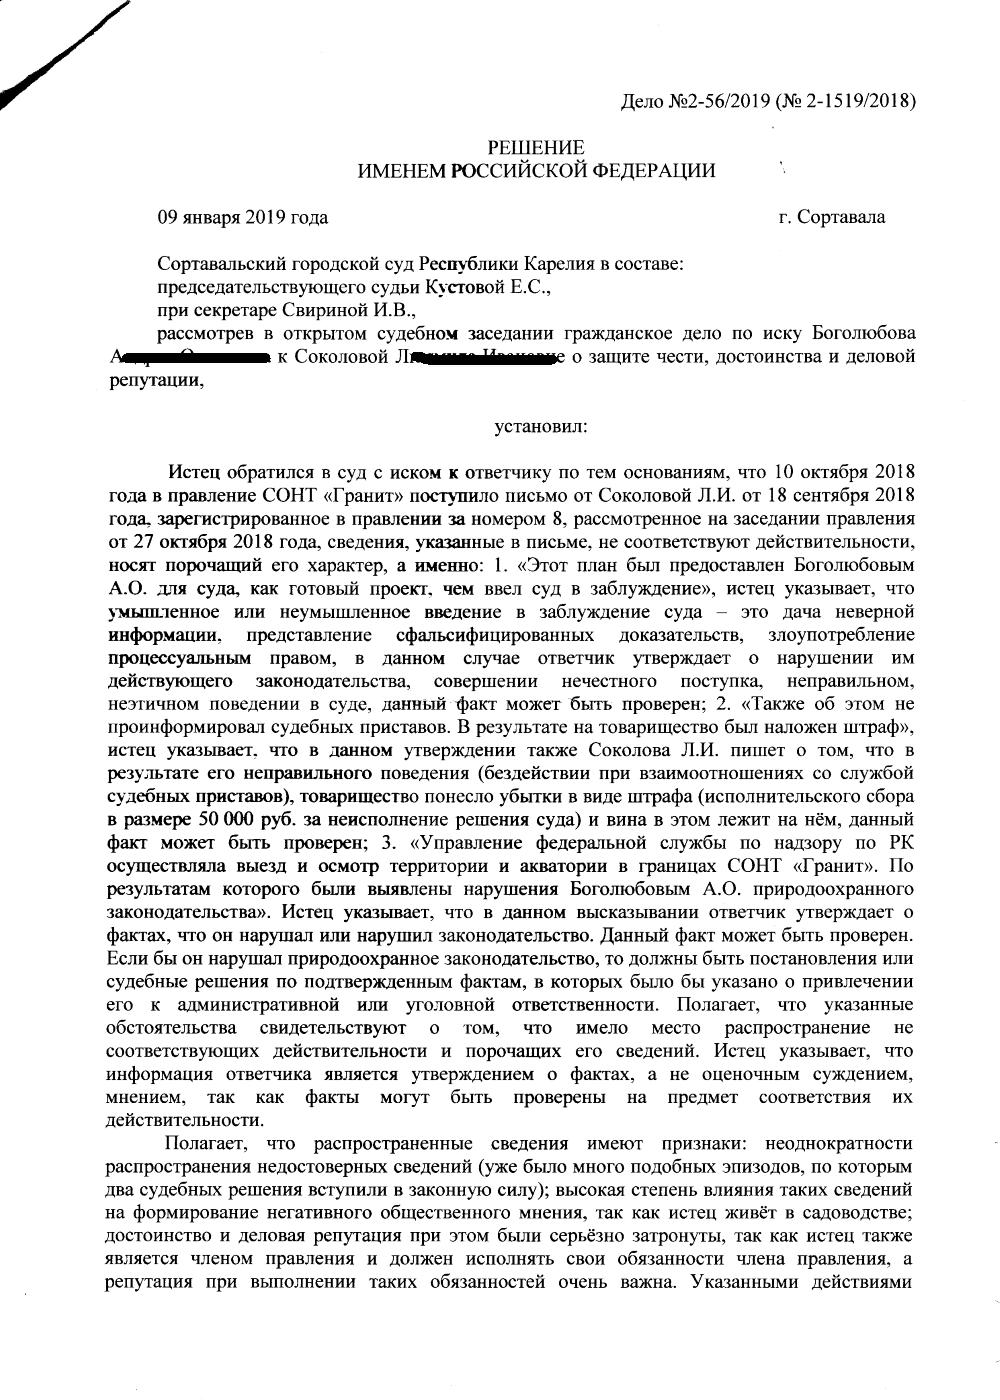 https://sontgranit.ru/forum/img/20190109-2.png